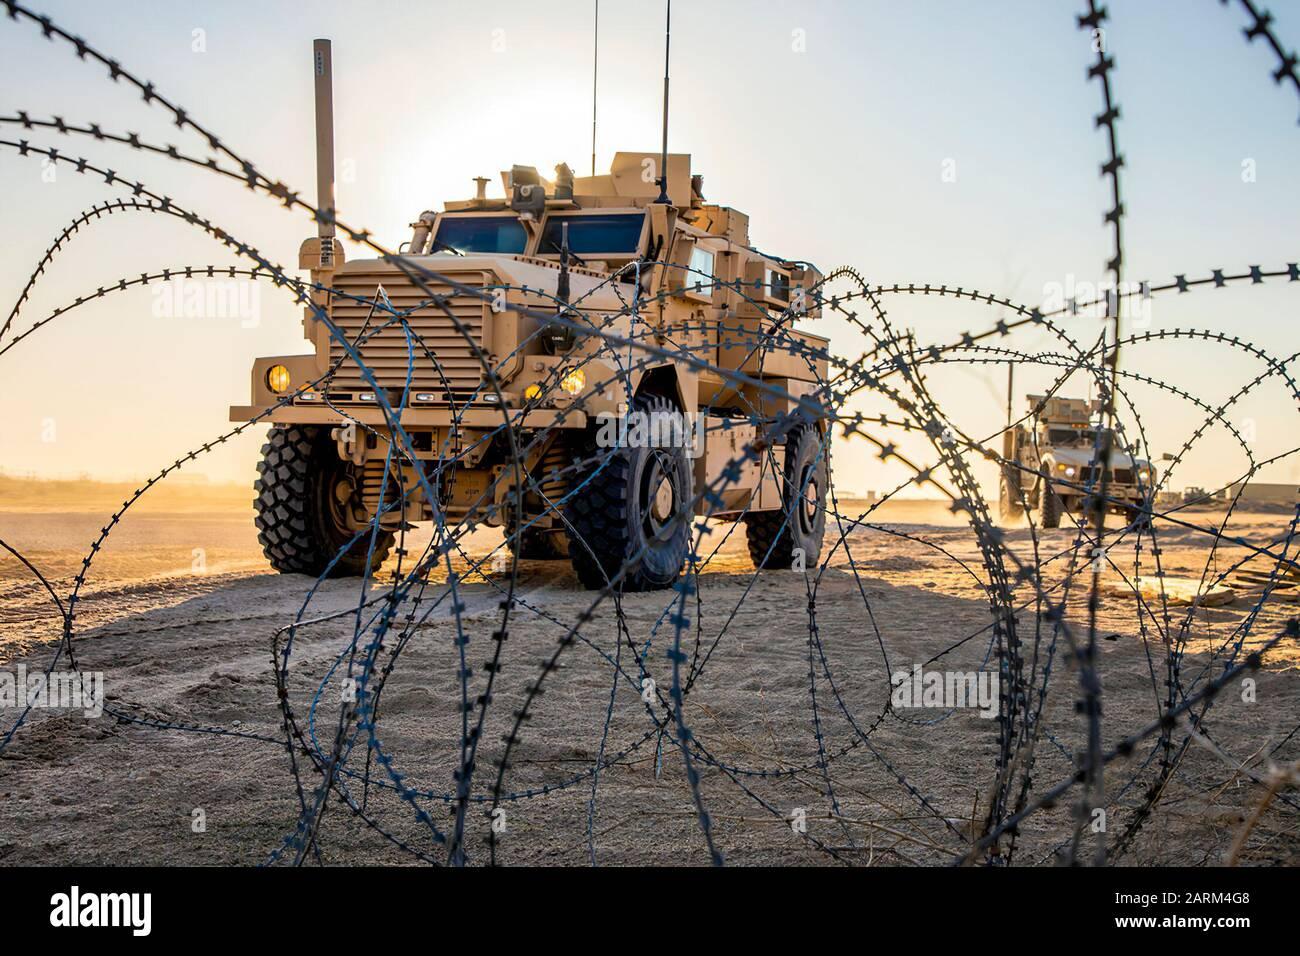 Infantes de marina de EE.UU. Con 2º Batallón, 7º Marines, asignados a la Fuerza de tarea Aérea Marina De Propósito Especial – respuesta En Caso De Crisis – mando Central (SPMAGTF-CR-CC) 19.2, conducir vehículos todoterreno Protegidos contra las minas Ambush (M-ATVs) durante un curso de conducción de vehículos tácticos en Kuwait, 21 de diciembre de 2019. El SPMAGTF-CR-CC es una fuerza de reacción rápida, preparada para implementar una variedad de capacidades en toda la región. (EE.UU Foto de Marine Corps de Sgt. Kyle C. Talbot) Foto de stock